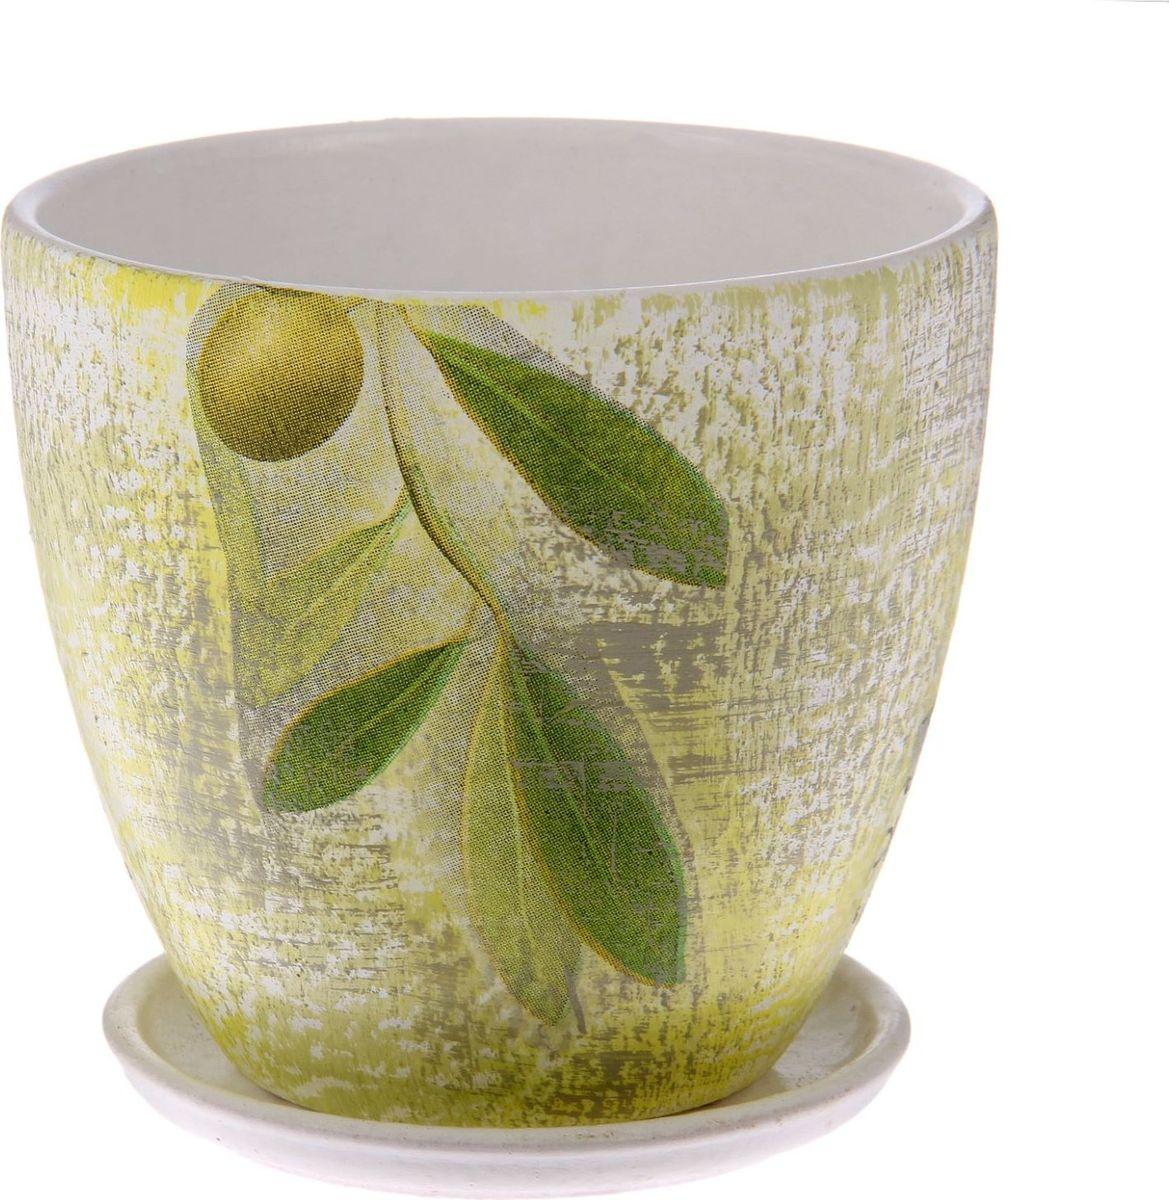 Кашпо Олива, поддоном, цвет: оливковый, белый, 0,8 л1437912Комнатные растения — всеобщие любимцы. Они радуют глаз, насыщают помещение кислородом и украшают пространство. Каждому из них необходим свой удобный и красивый дом. Кашпо из керамики прекрасно подходят для высадки растений: за счет пластичности глины и разных способов обработки существует великое множество форм и дизайнов пористый материал позволяет испаряться лишней влаге воздух, необходимый для дыхания корней, проникает сквозь керамические стенки! позаботится о зеленом питомце, освежит интерьер и подчеркнет его стиль.